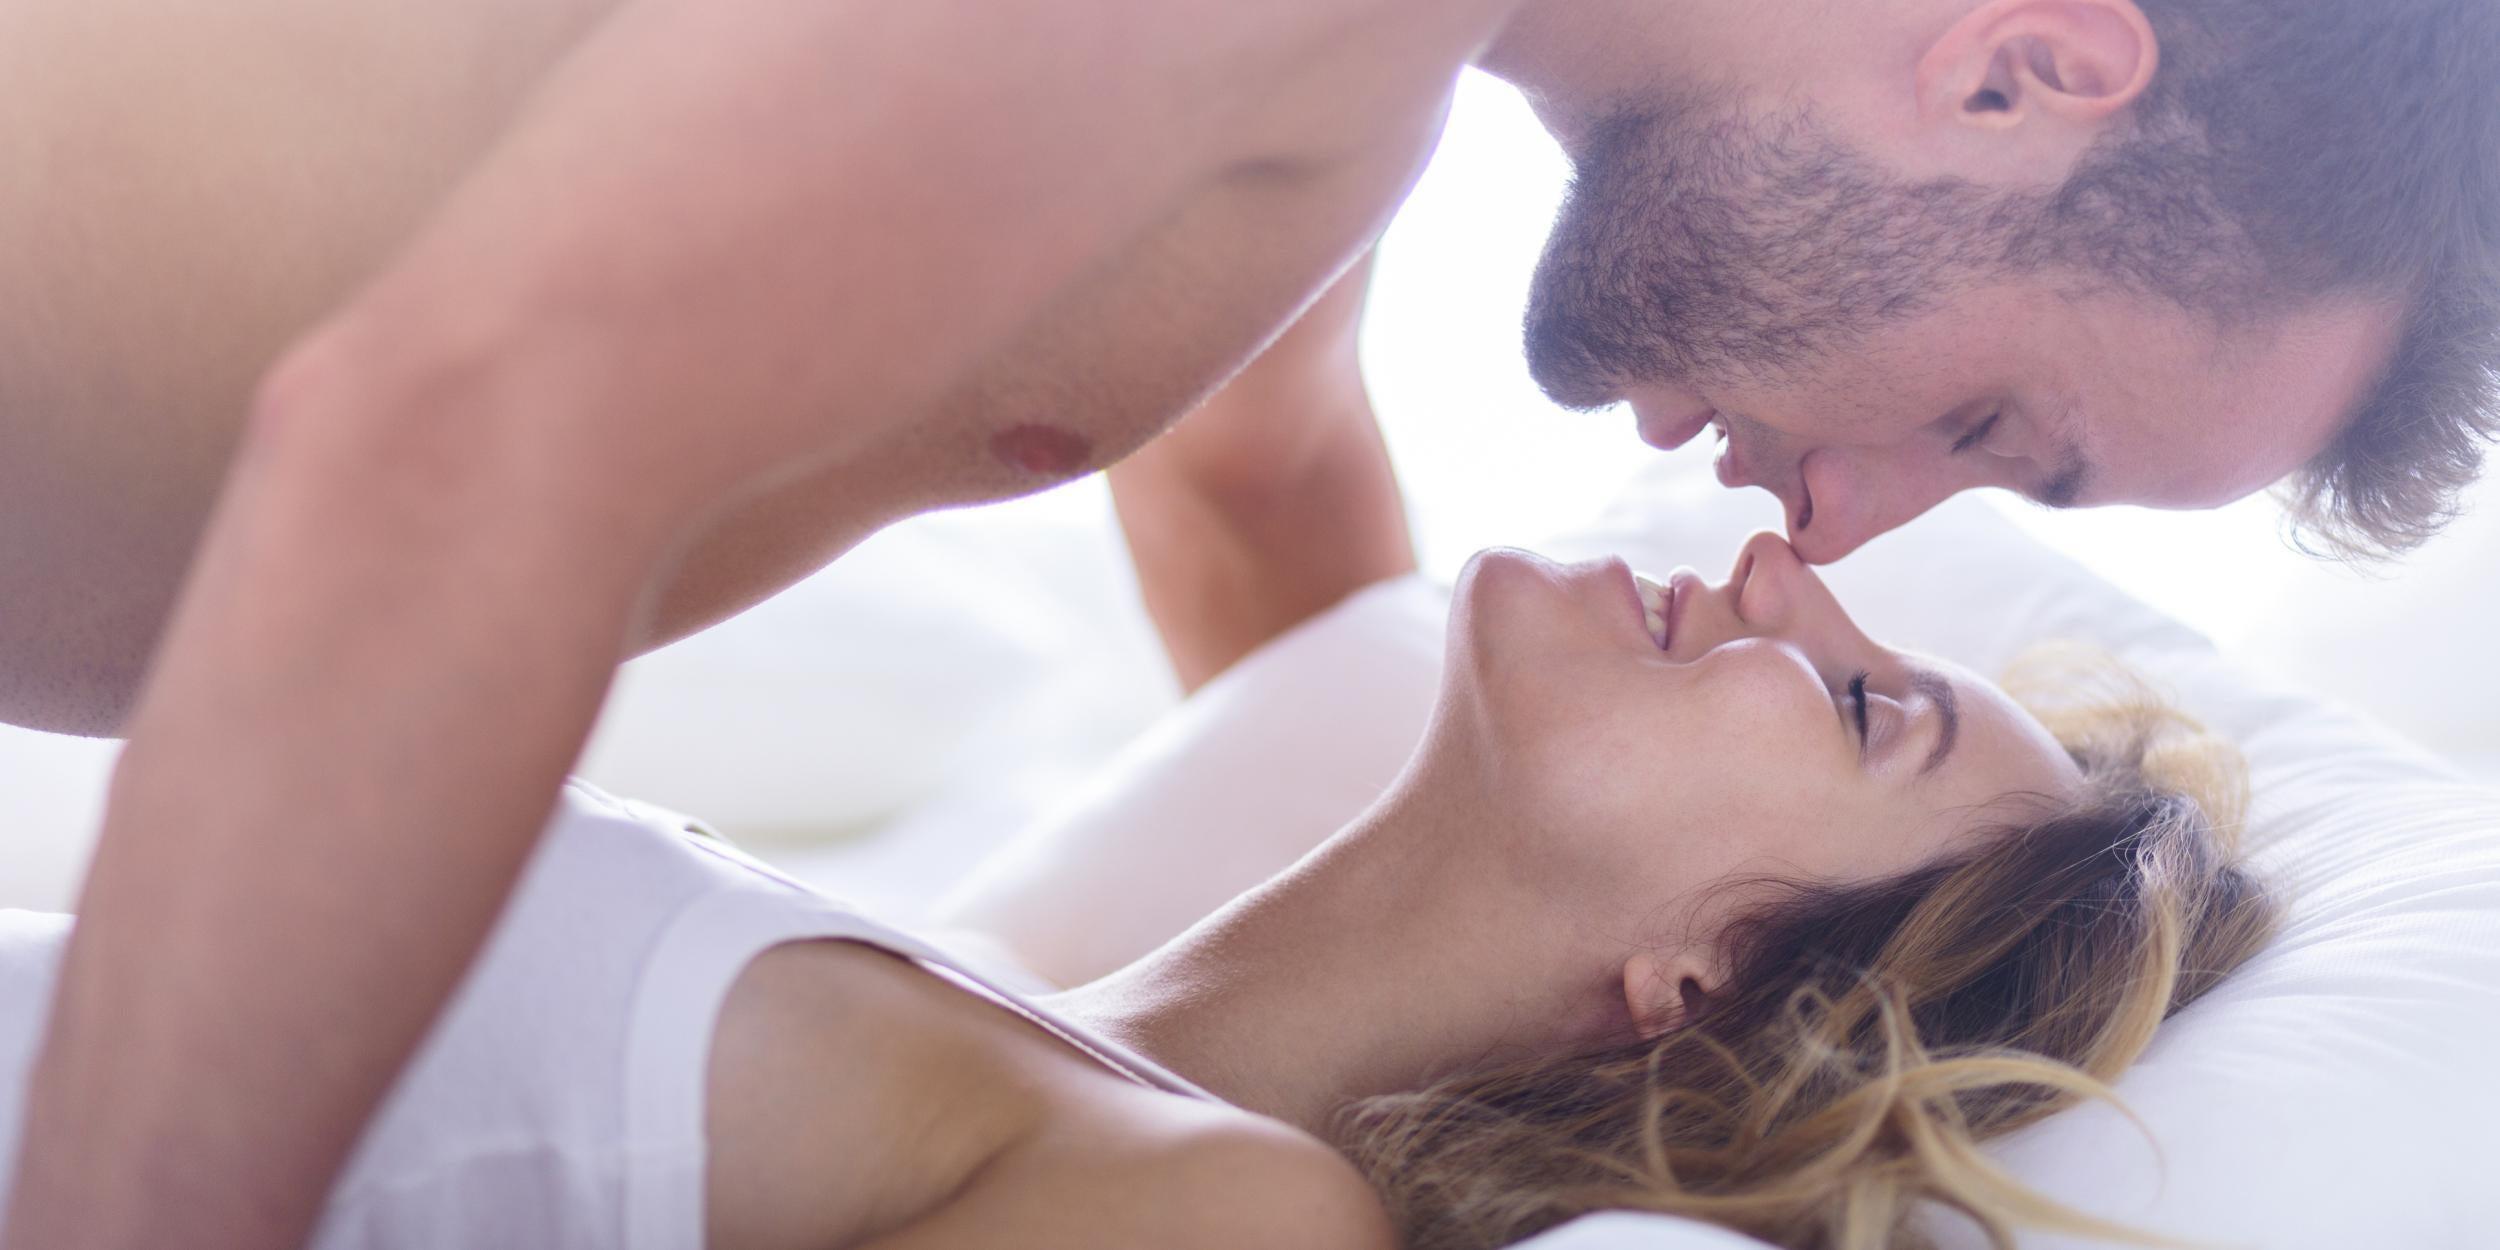 Секс 1080p онлайн, Порно. Только лучшее порно видео в full HD 23 фотография